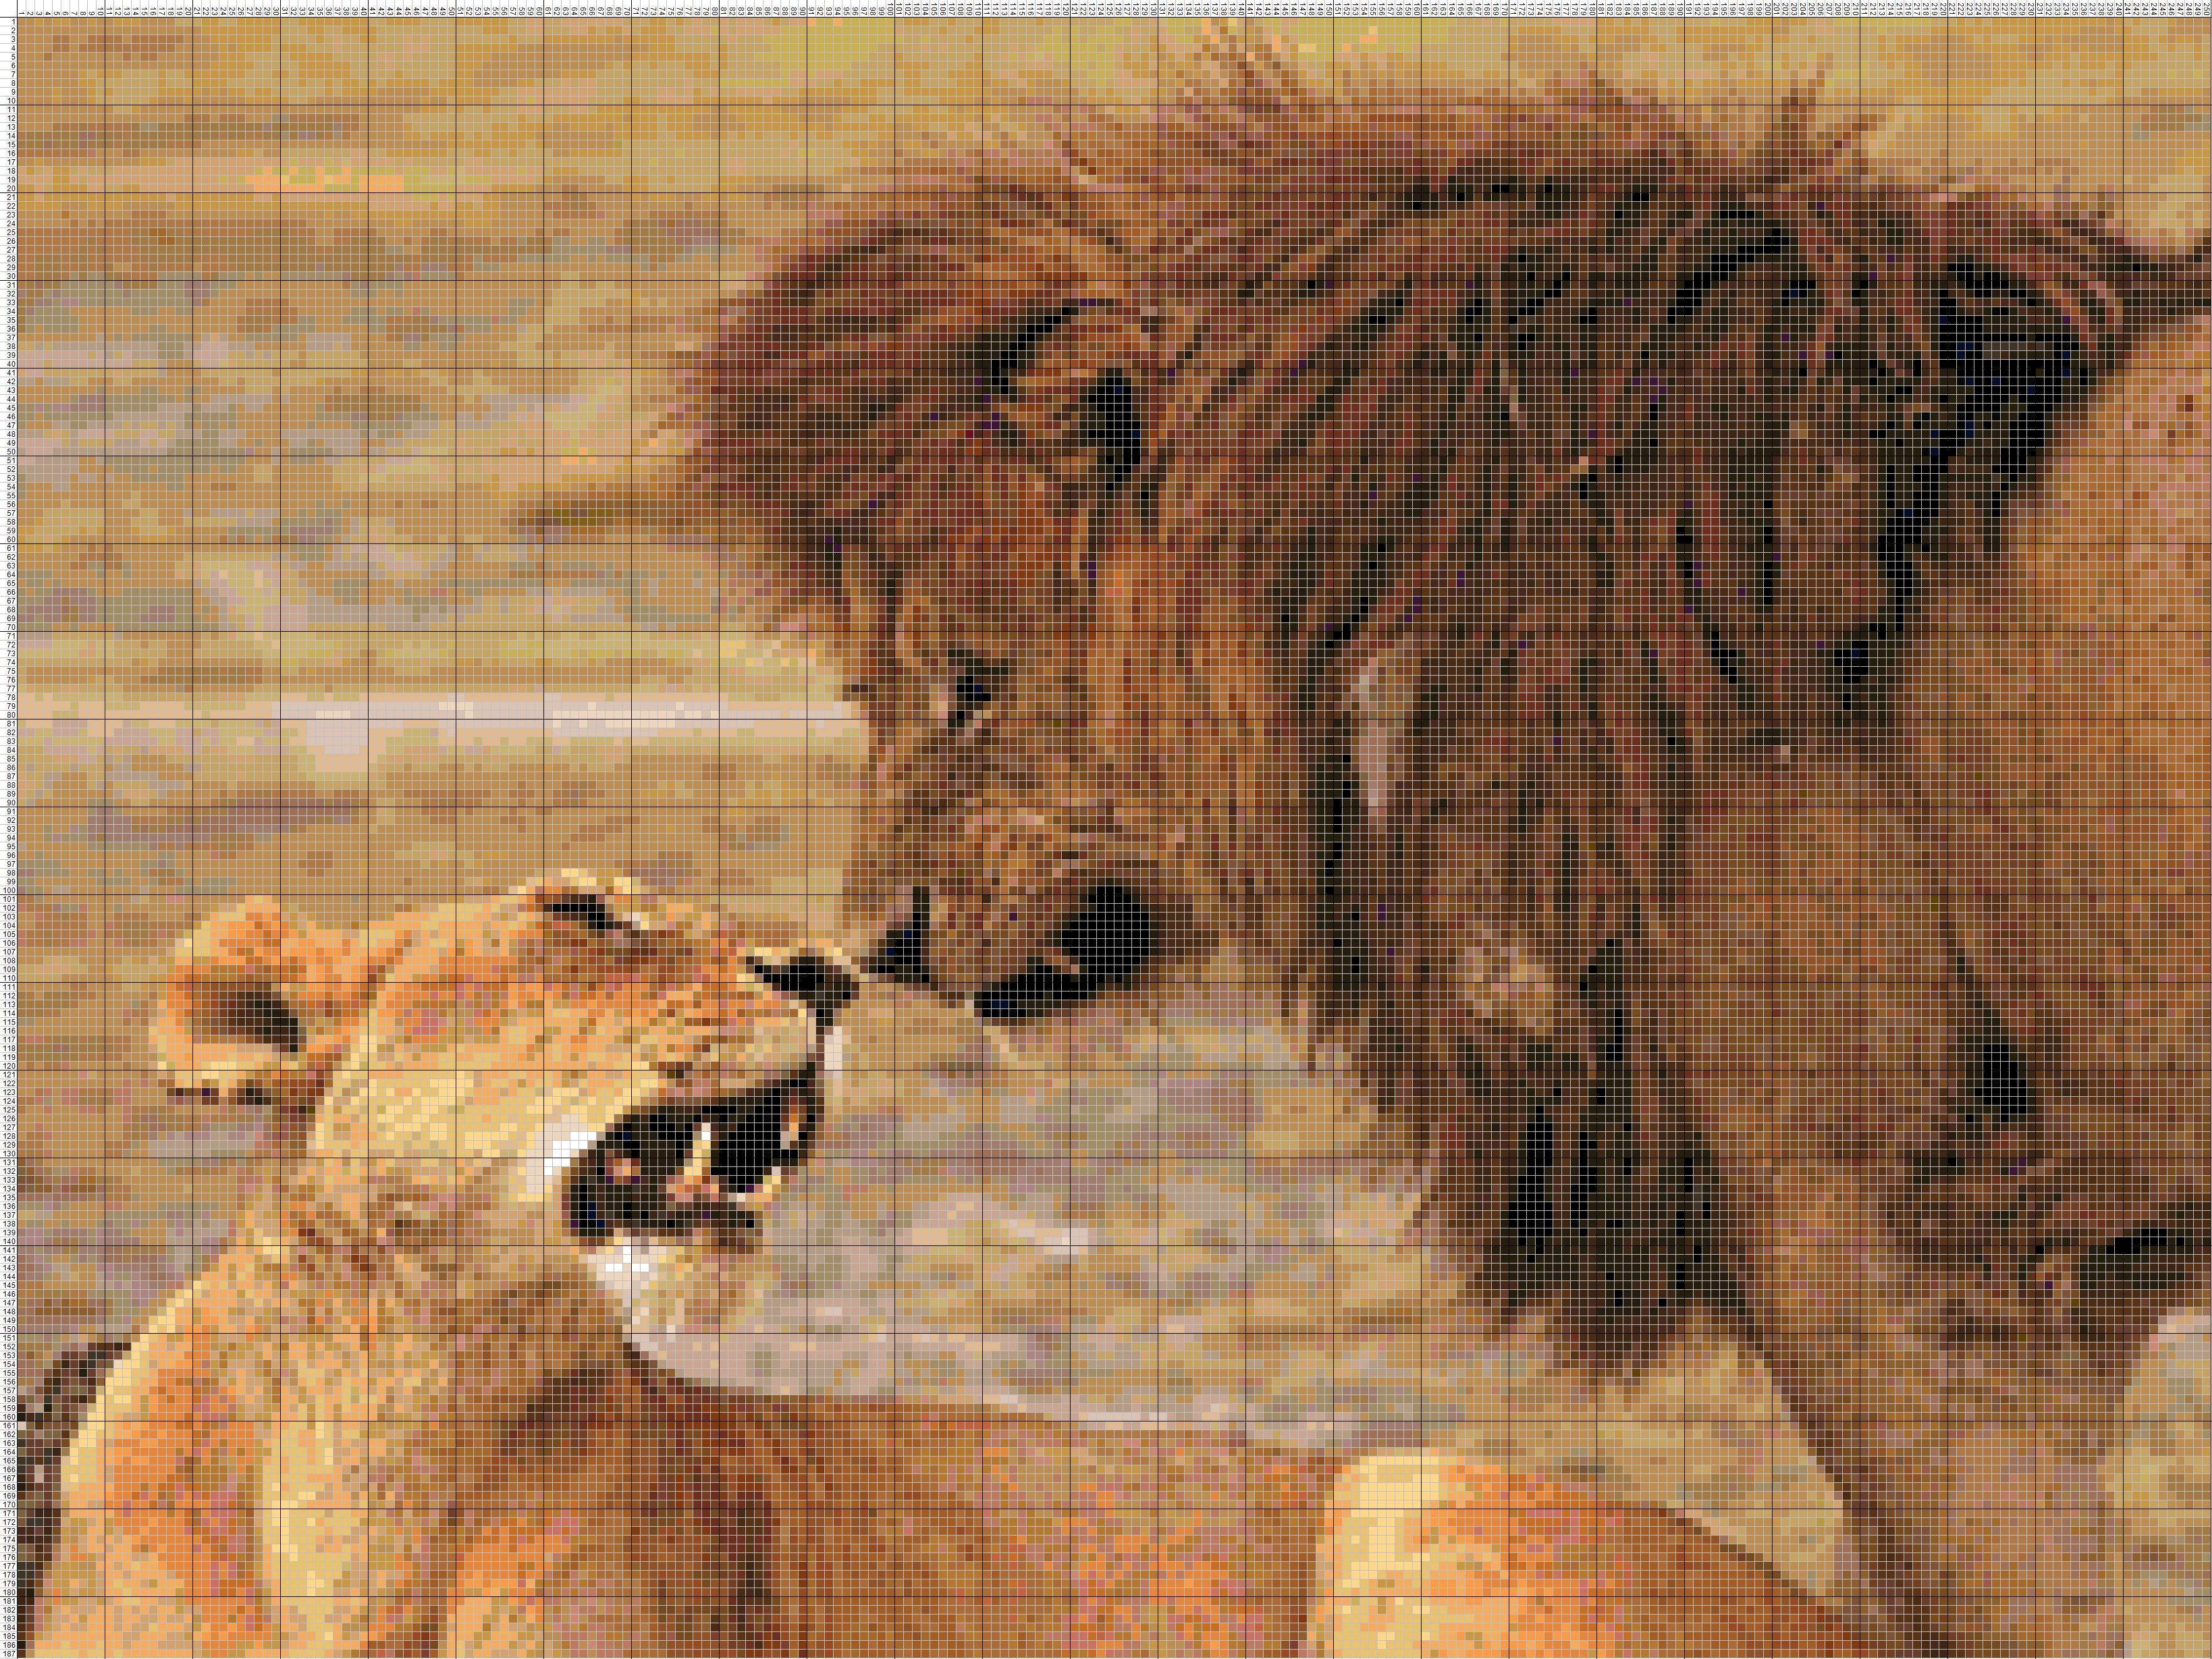 Вышивка крестиком львы схема